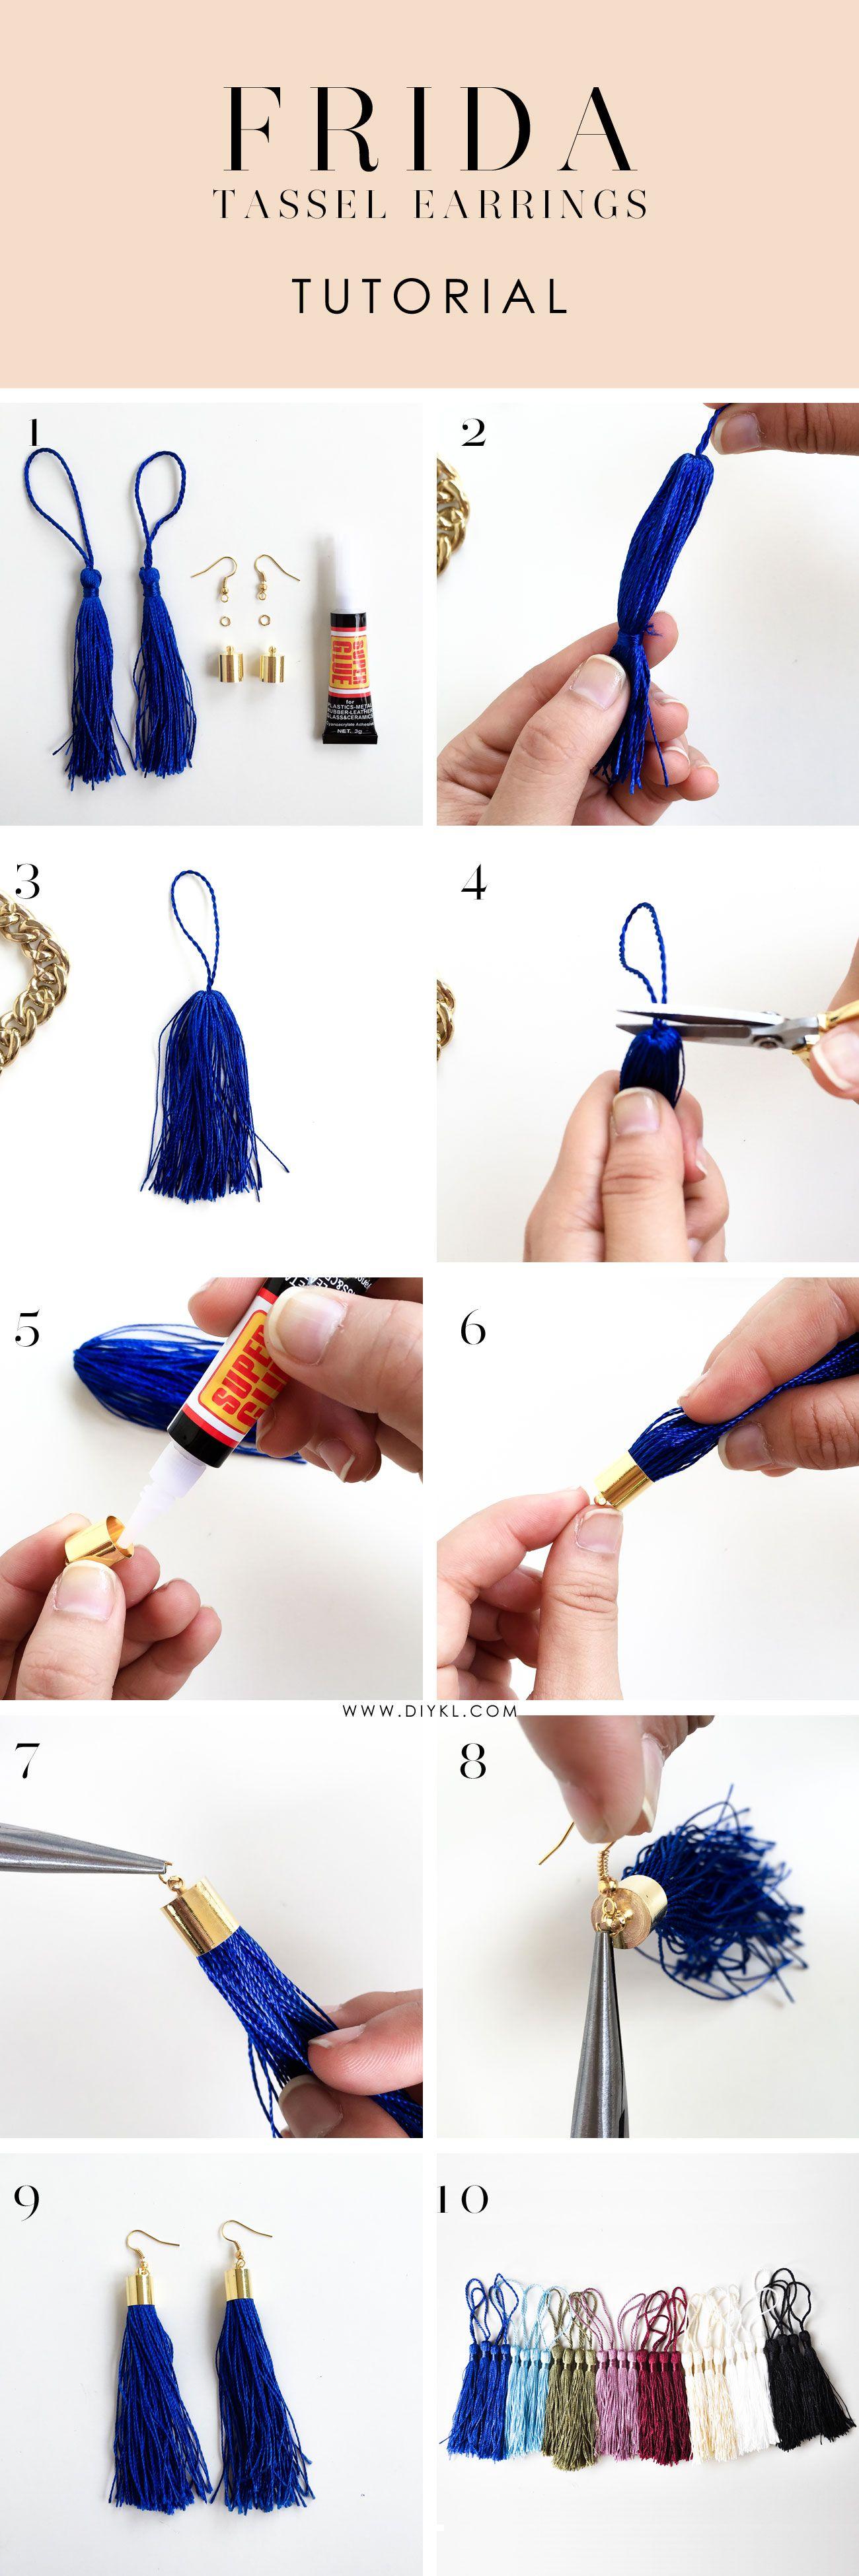 AliExpress fabrică autentică cumpărături FRIDA Tassel Earrings Tutorial | Handmade | Creație de bijuterii ...